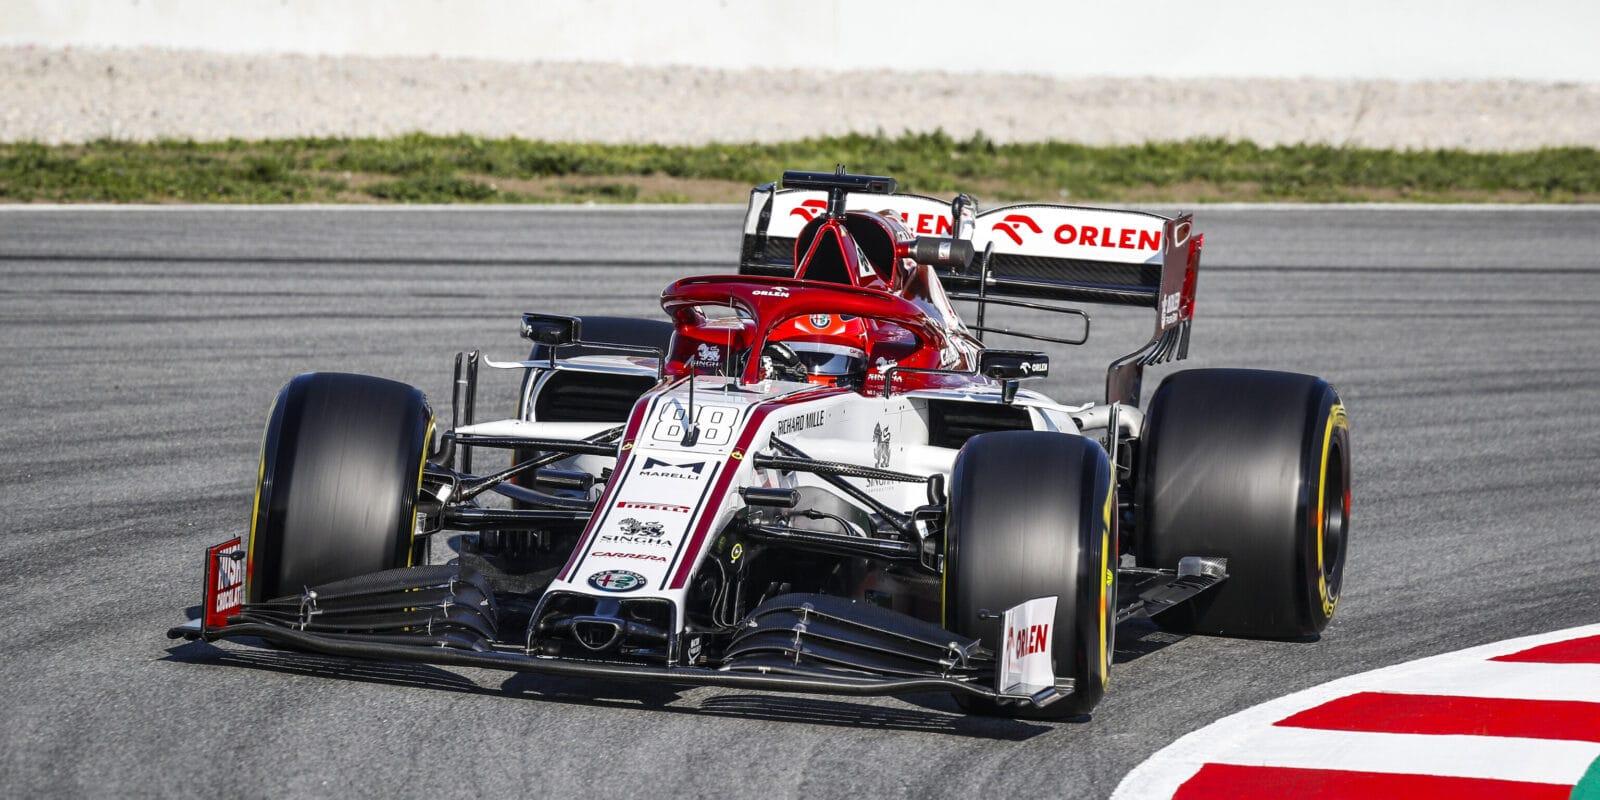 Druhou sérii testů otevřel nejrychleji Kubica